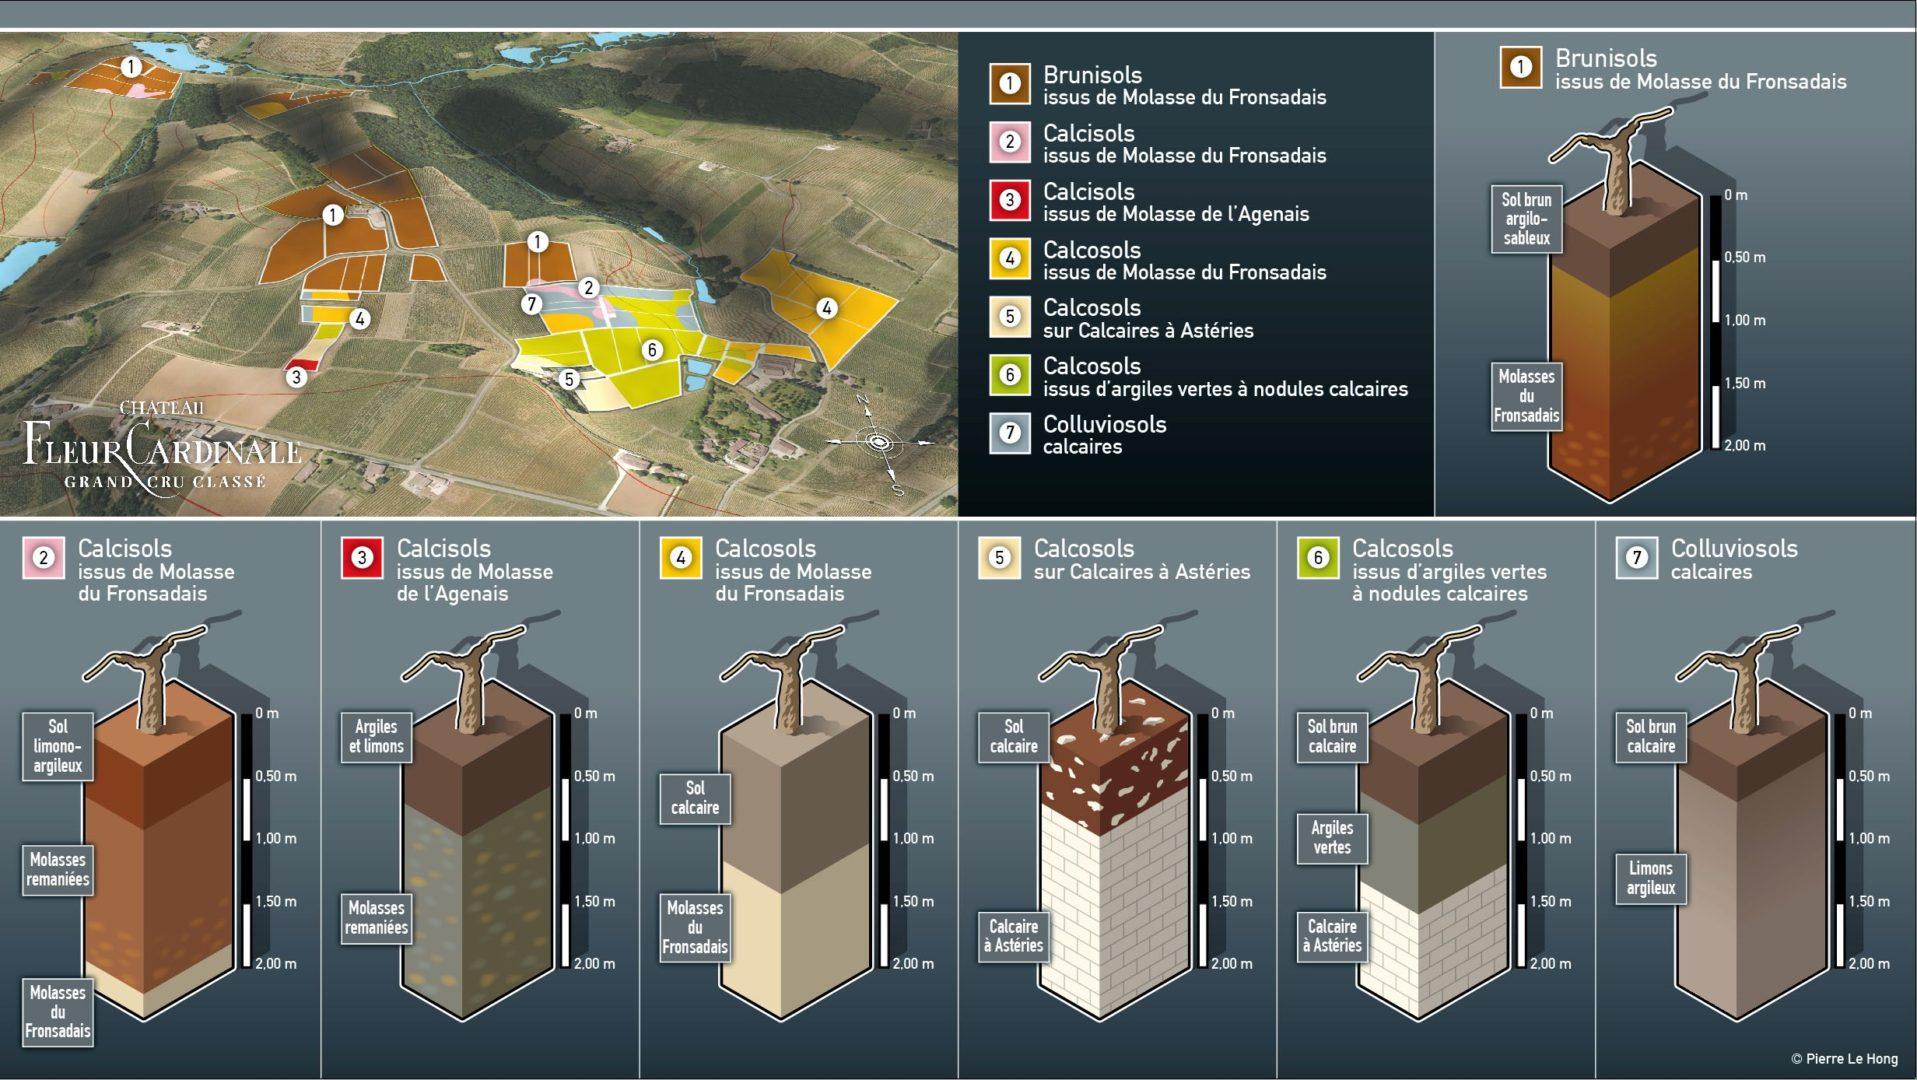 Les 7 types de sols et sous-sols de Château Fleur Cardinale - © P. Le Hong Infographie